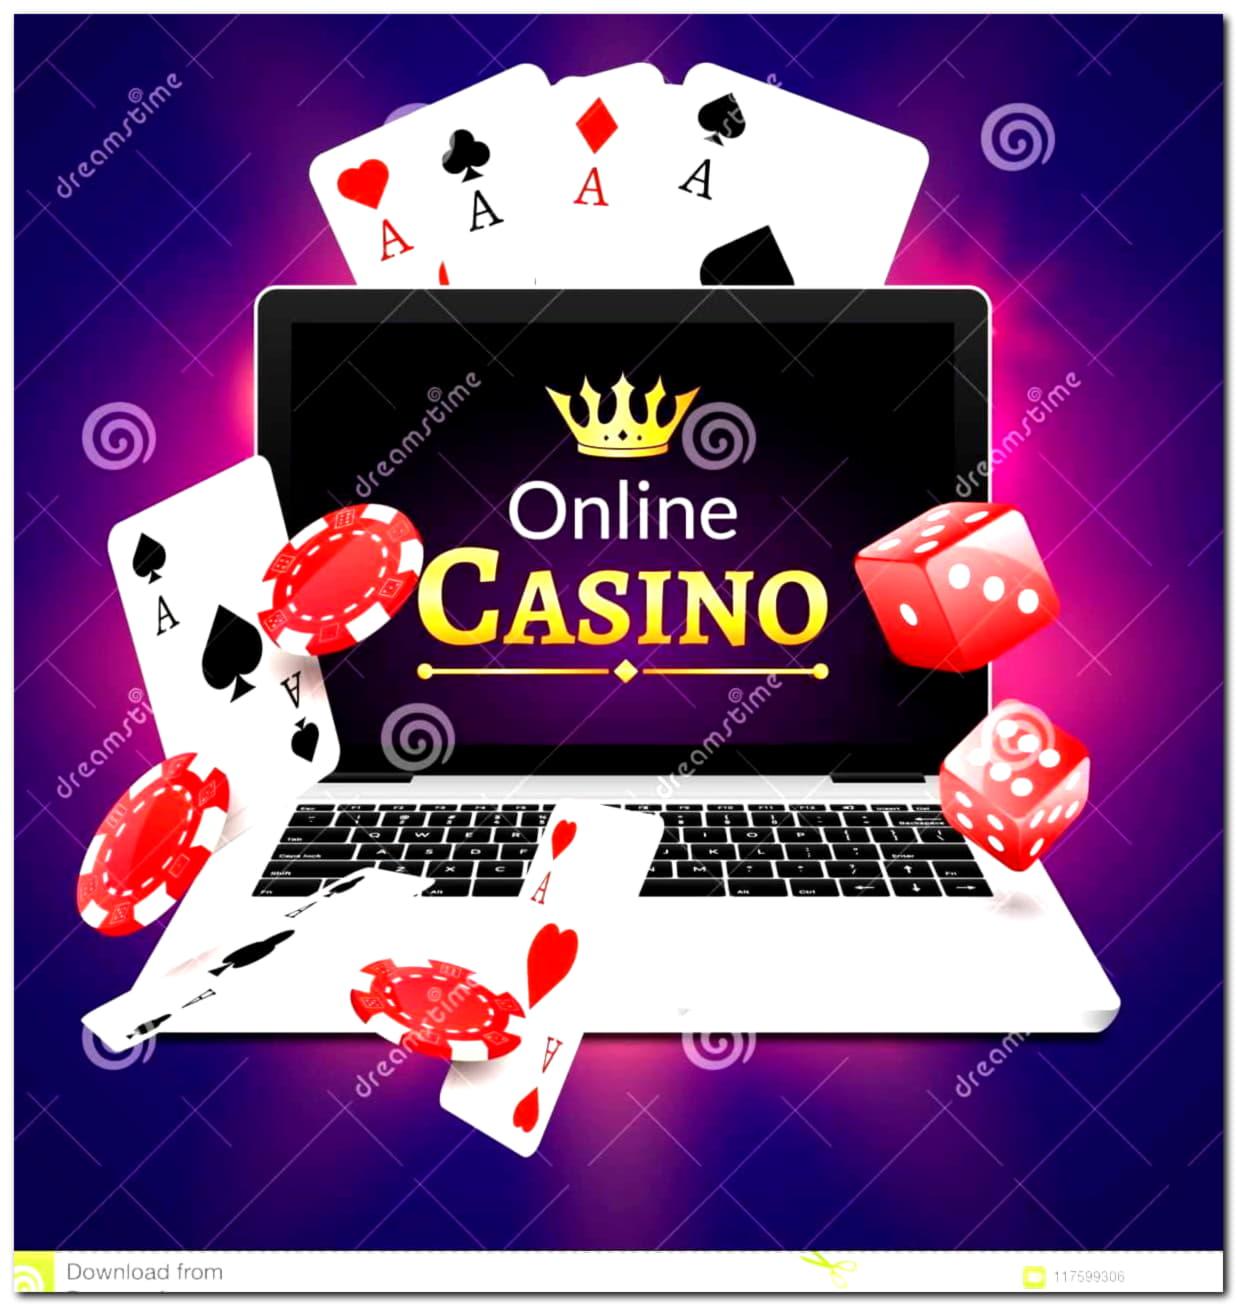 Alf Casinoで£530の無料チップ